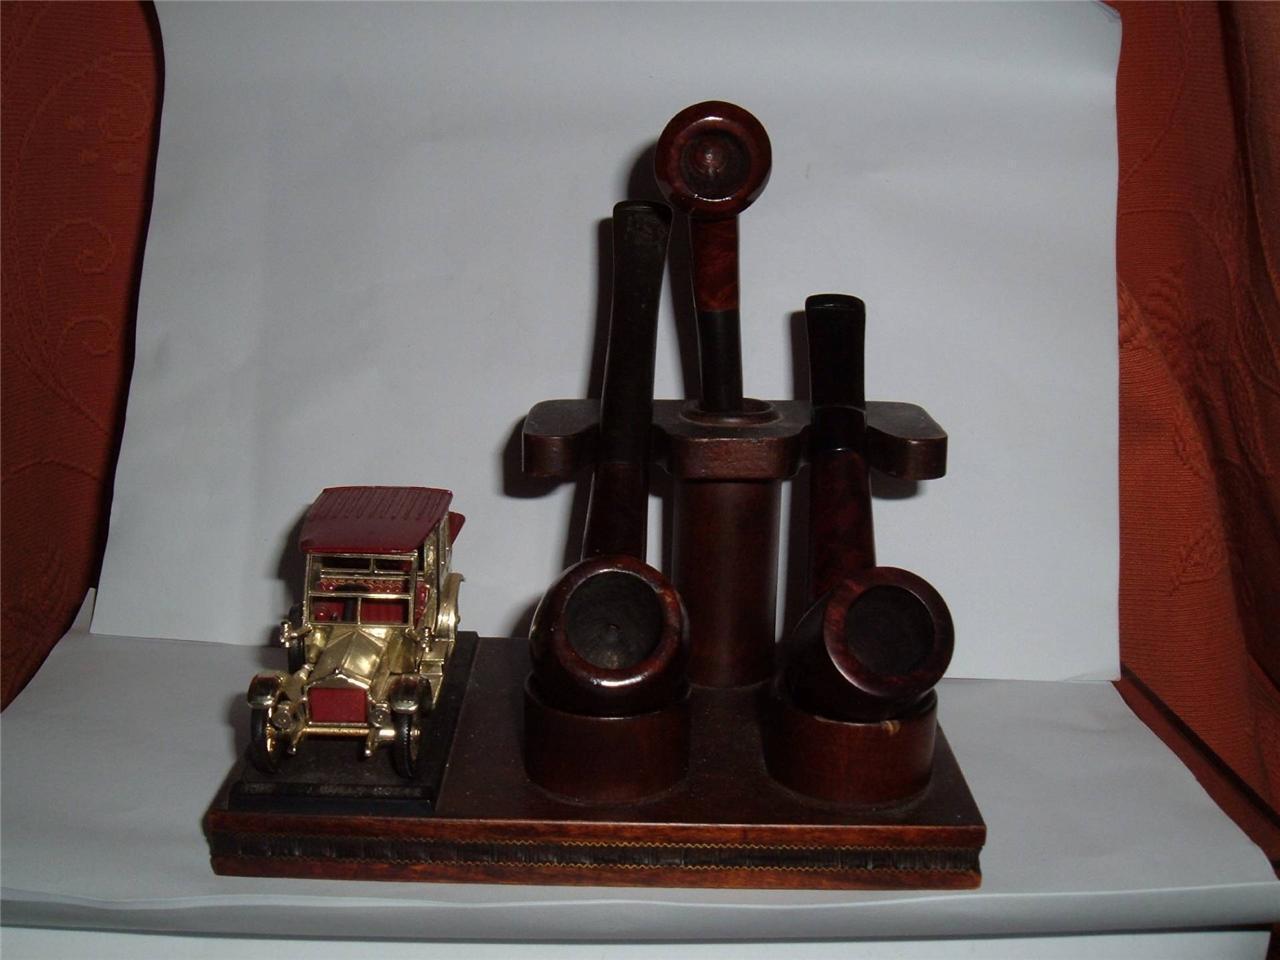 LESNEY 1912 ROLLS ROYCE tuyau récif avec 3 tuyaux idéal pour votre ordinateur de bureau, voir photos